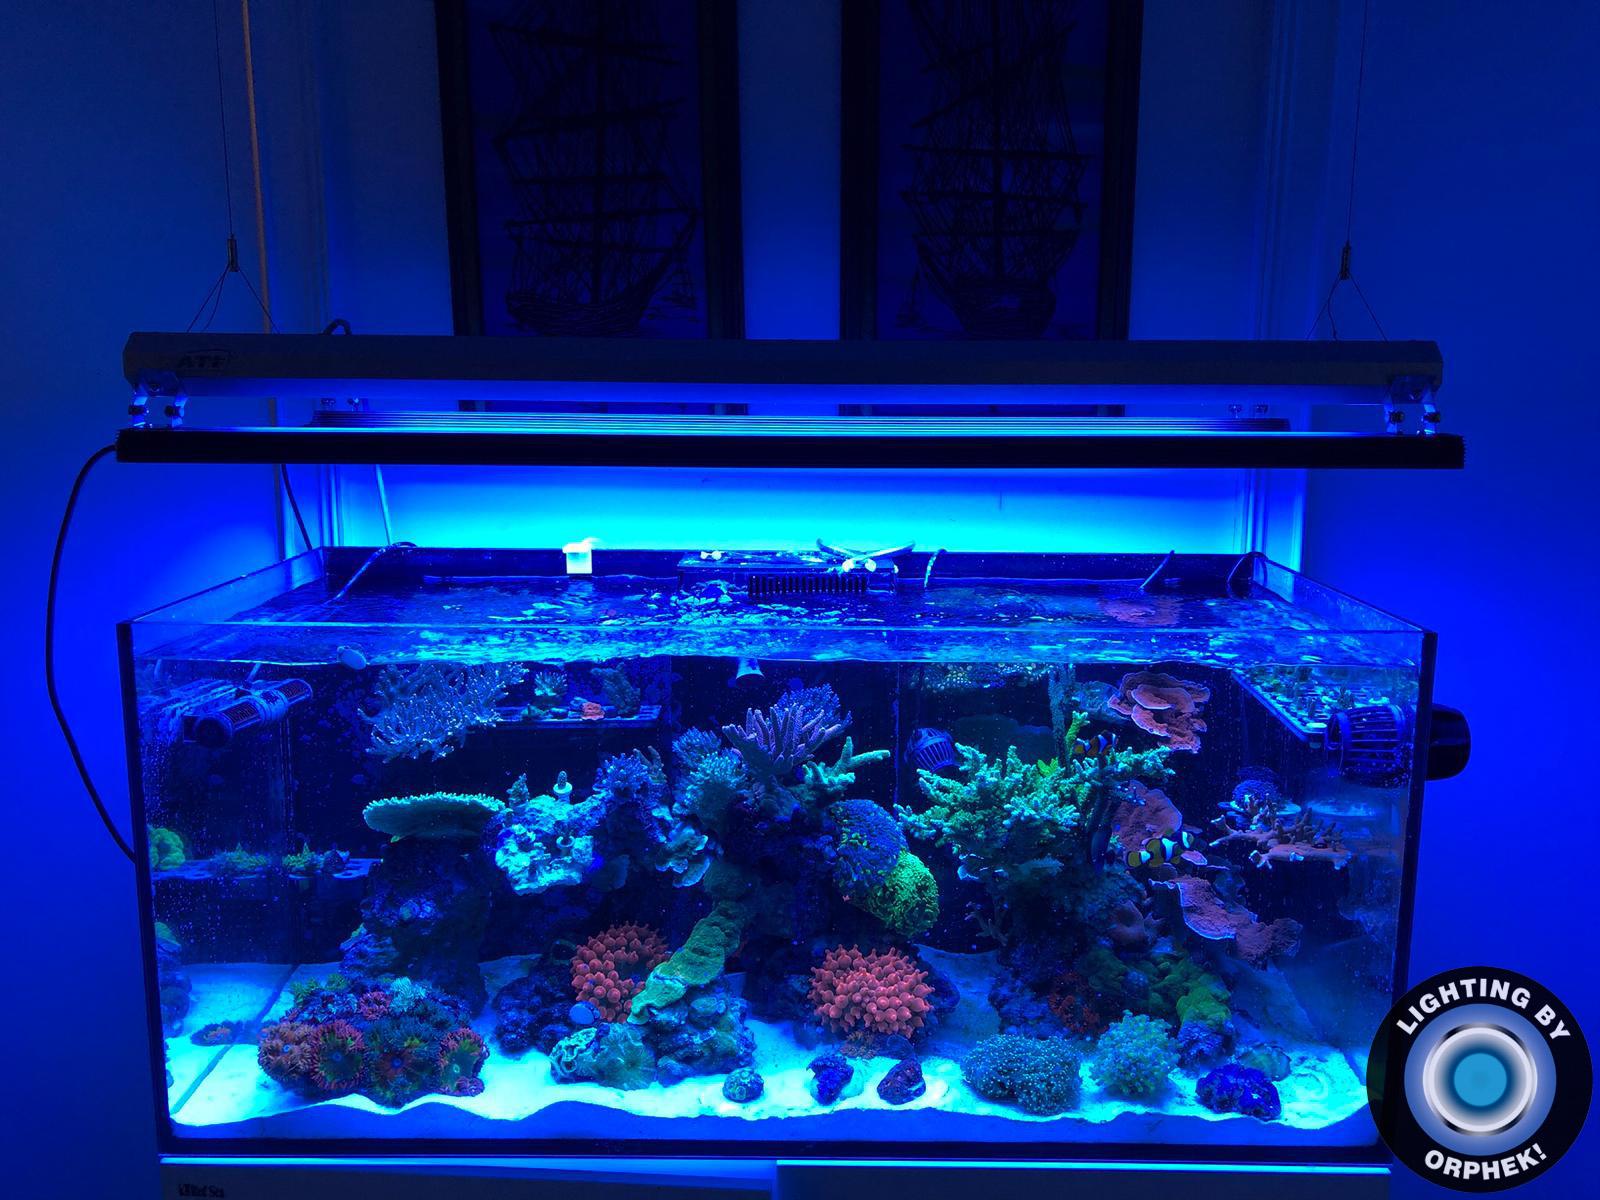 лучшее светодиодное освещение красочный рифовый аквариум